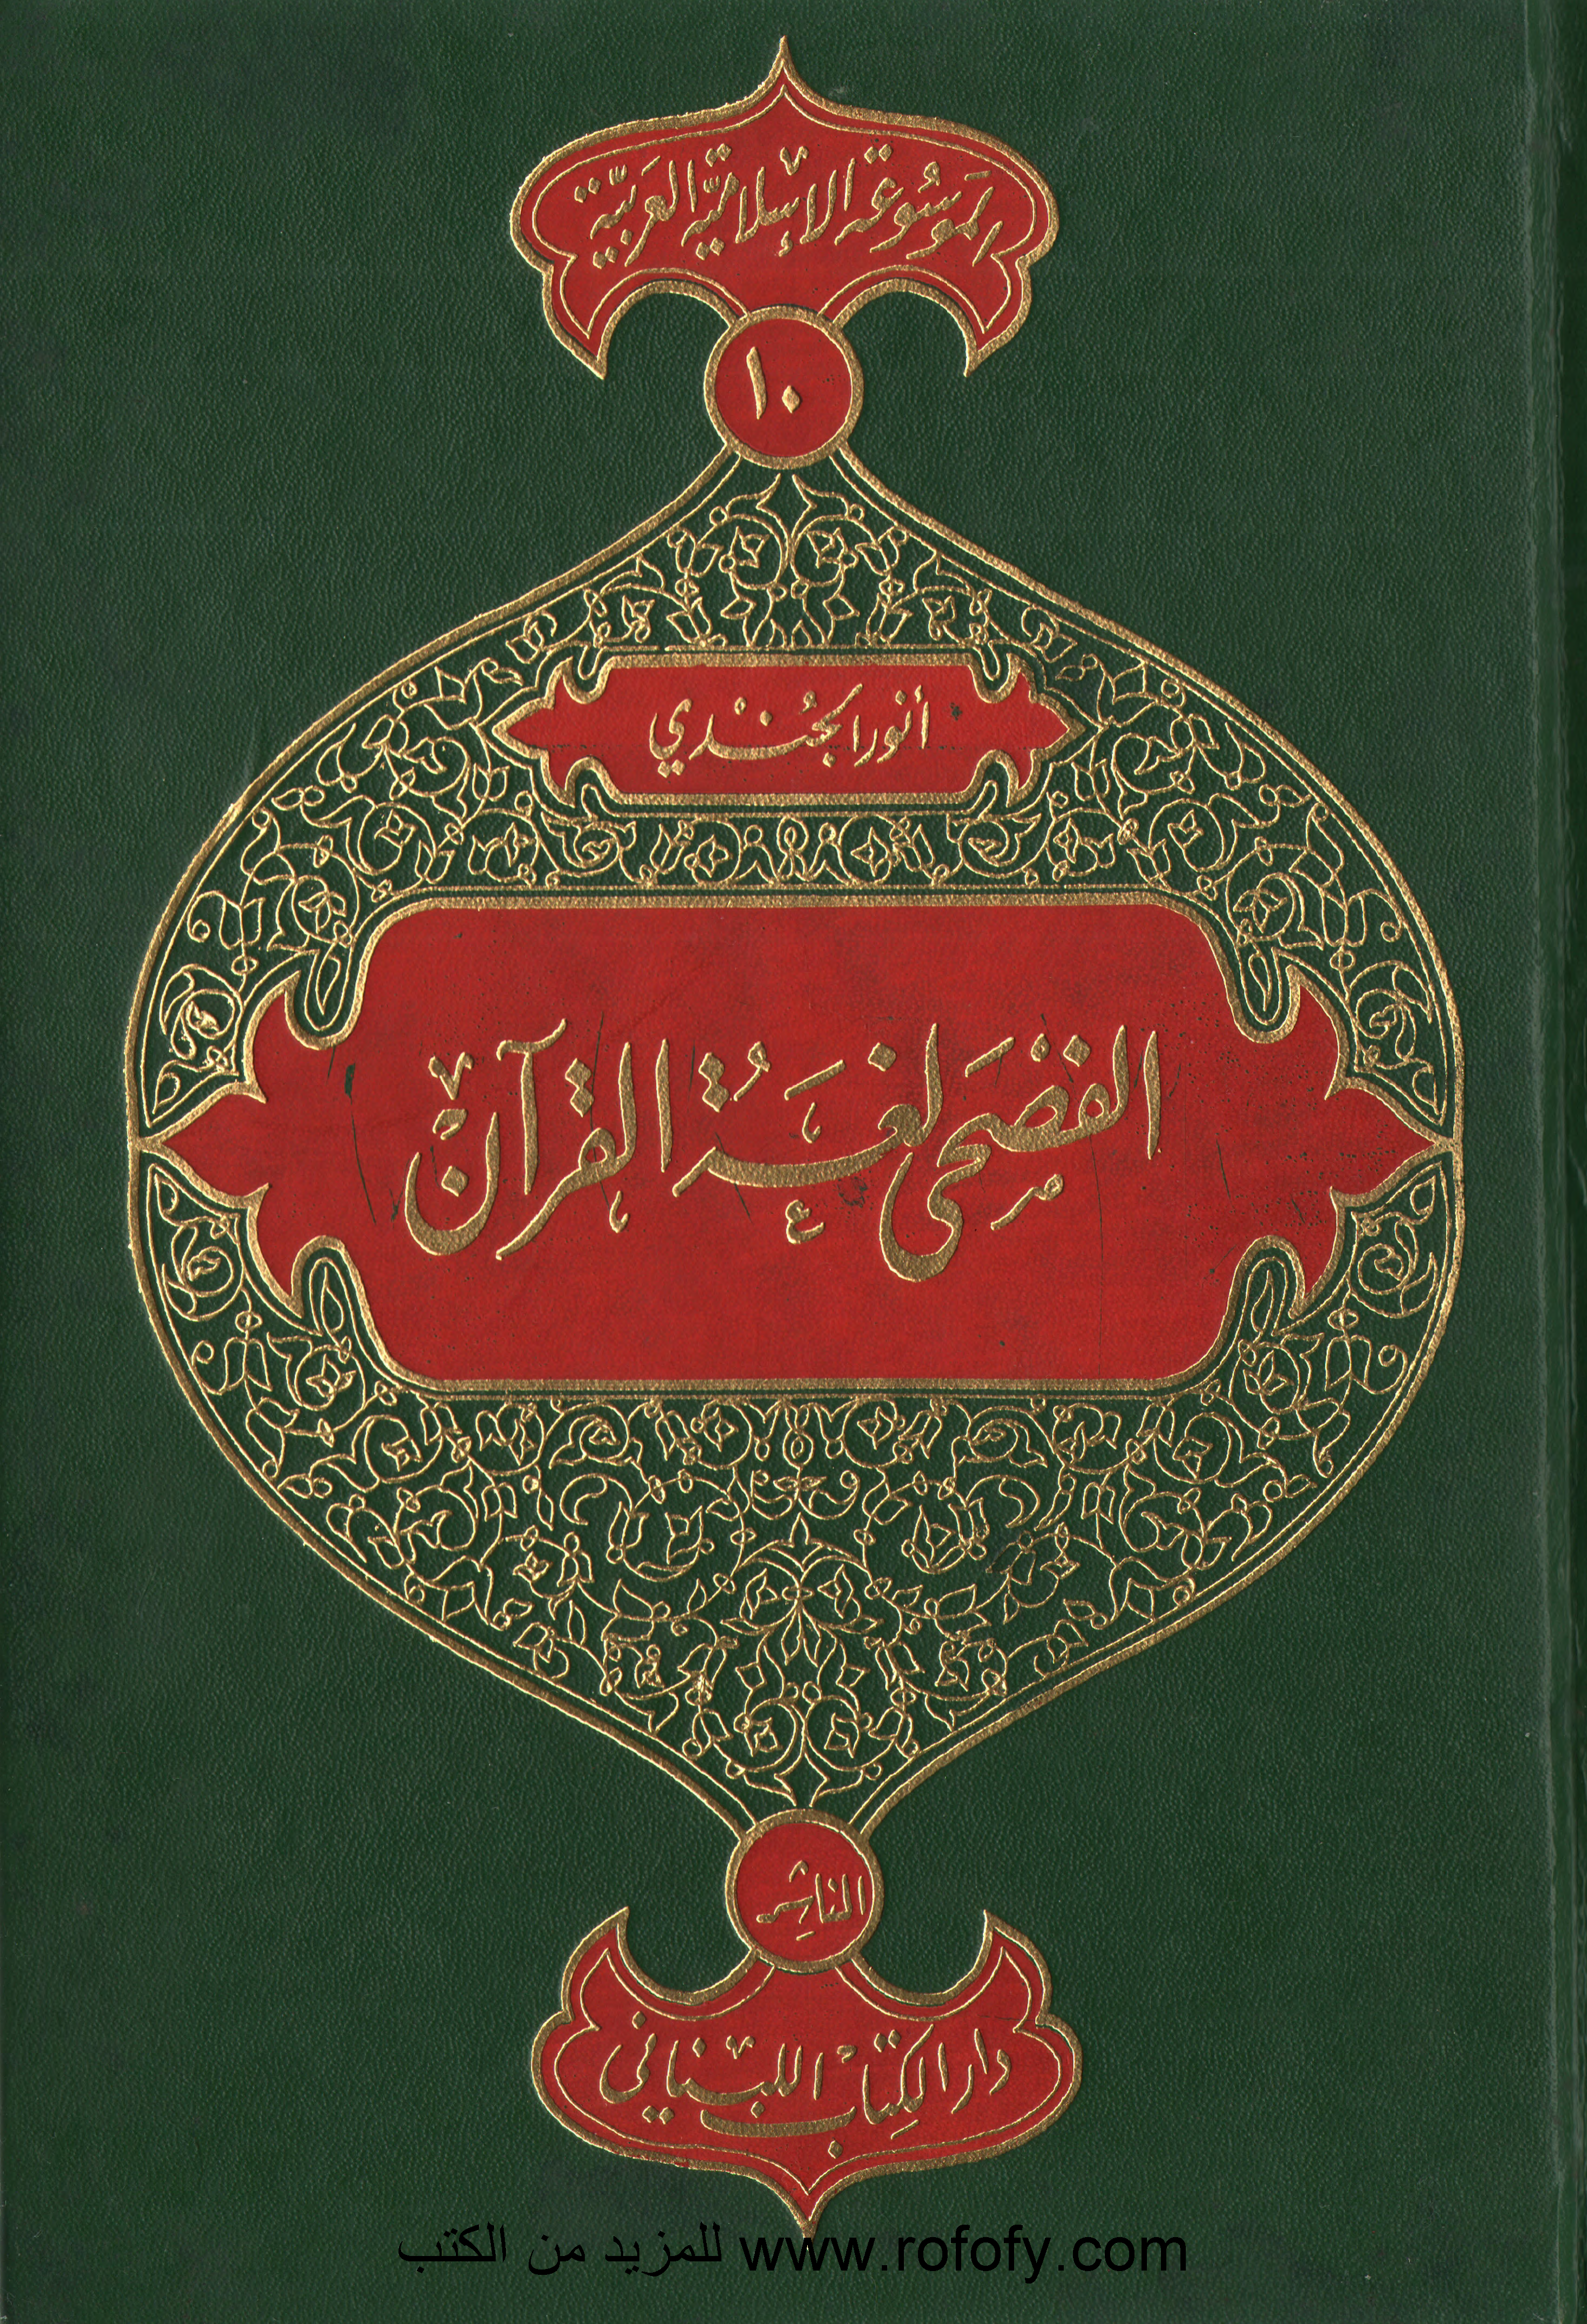 تحميل كتاب الفصحى لغة القرآن لـِ: الأستاذ أنور الجندي (ت 1422)